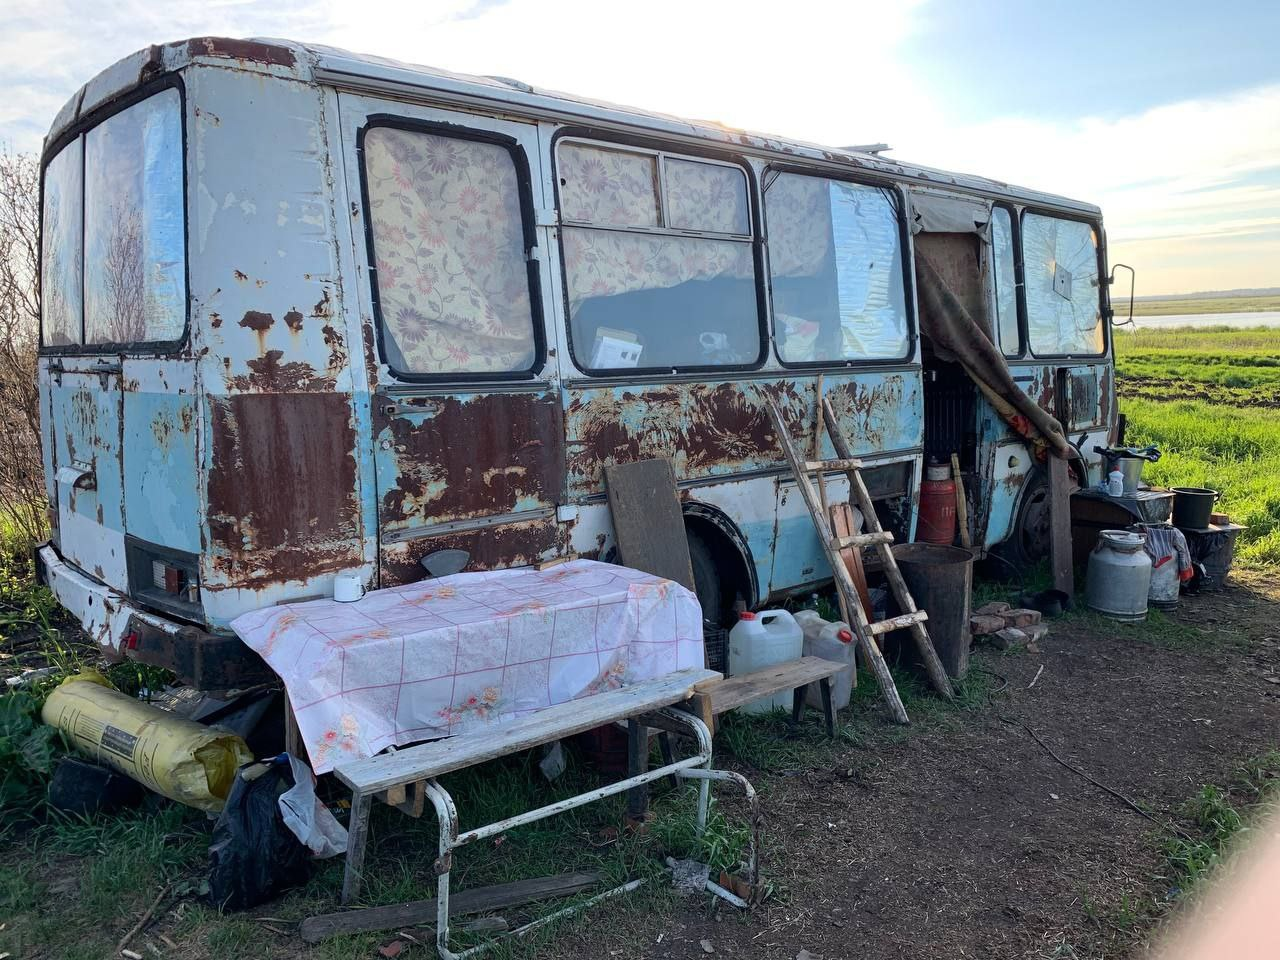 Жителям сгоревшей в Омской области деревни не построят жилье, как обещали #Омск #Общество #Сегодня